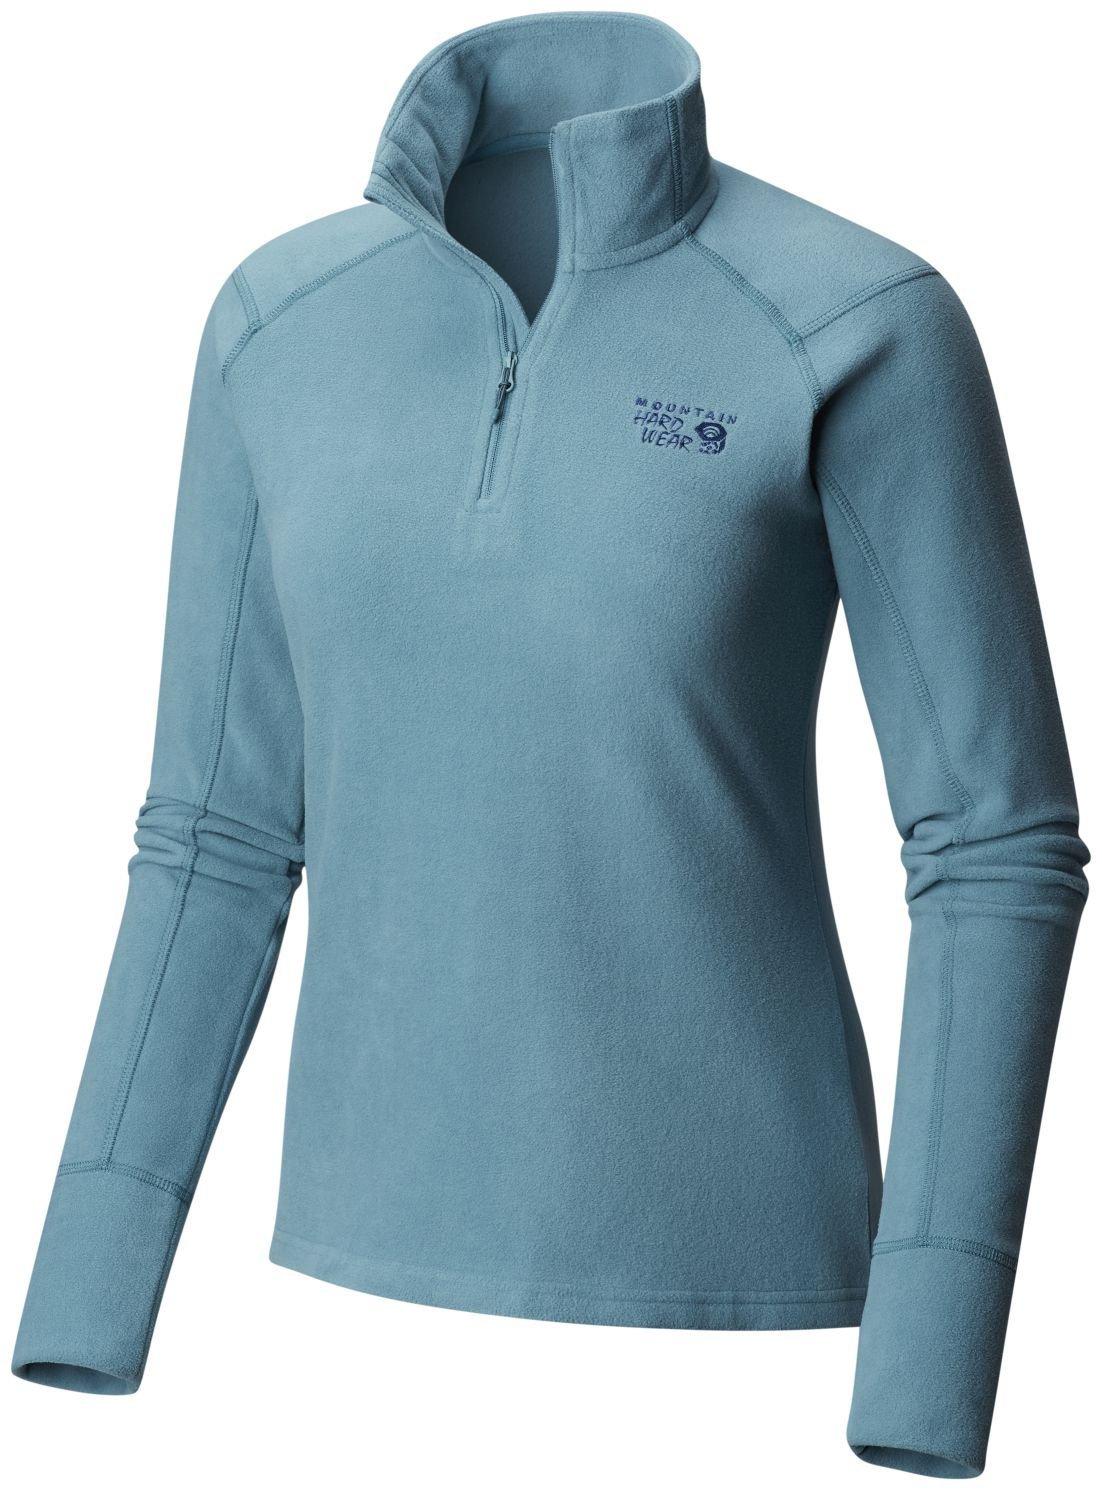 Mountain Hardwear Microchill 2.0 Zip T Jacket - Women's Lakeshore Blue Medium